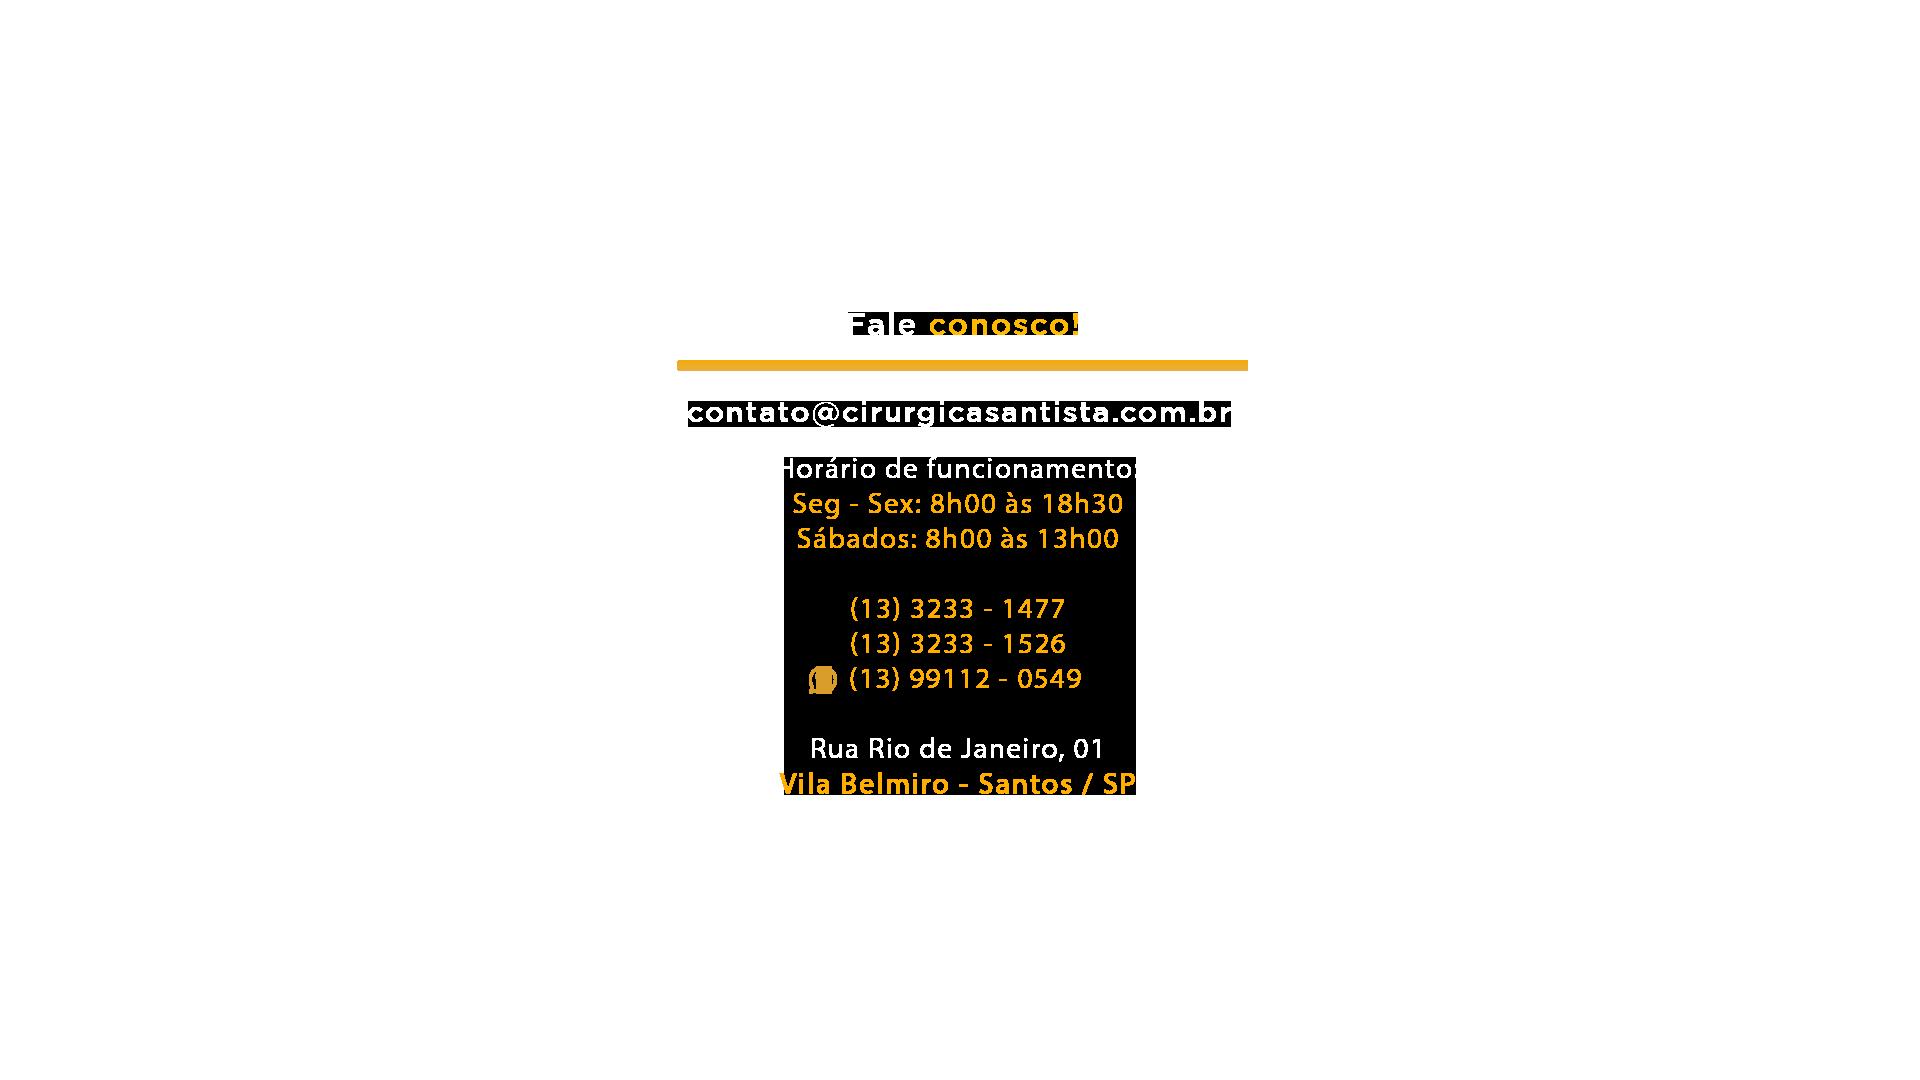 Fale conosco! e-mail: contato@cirurgicasantista.com.br - Telefones: (13) 3233 - 1477 / (13) 3233 - 1526